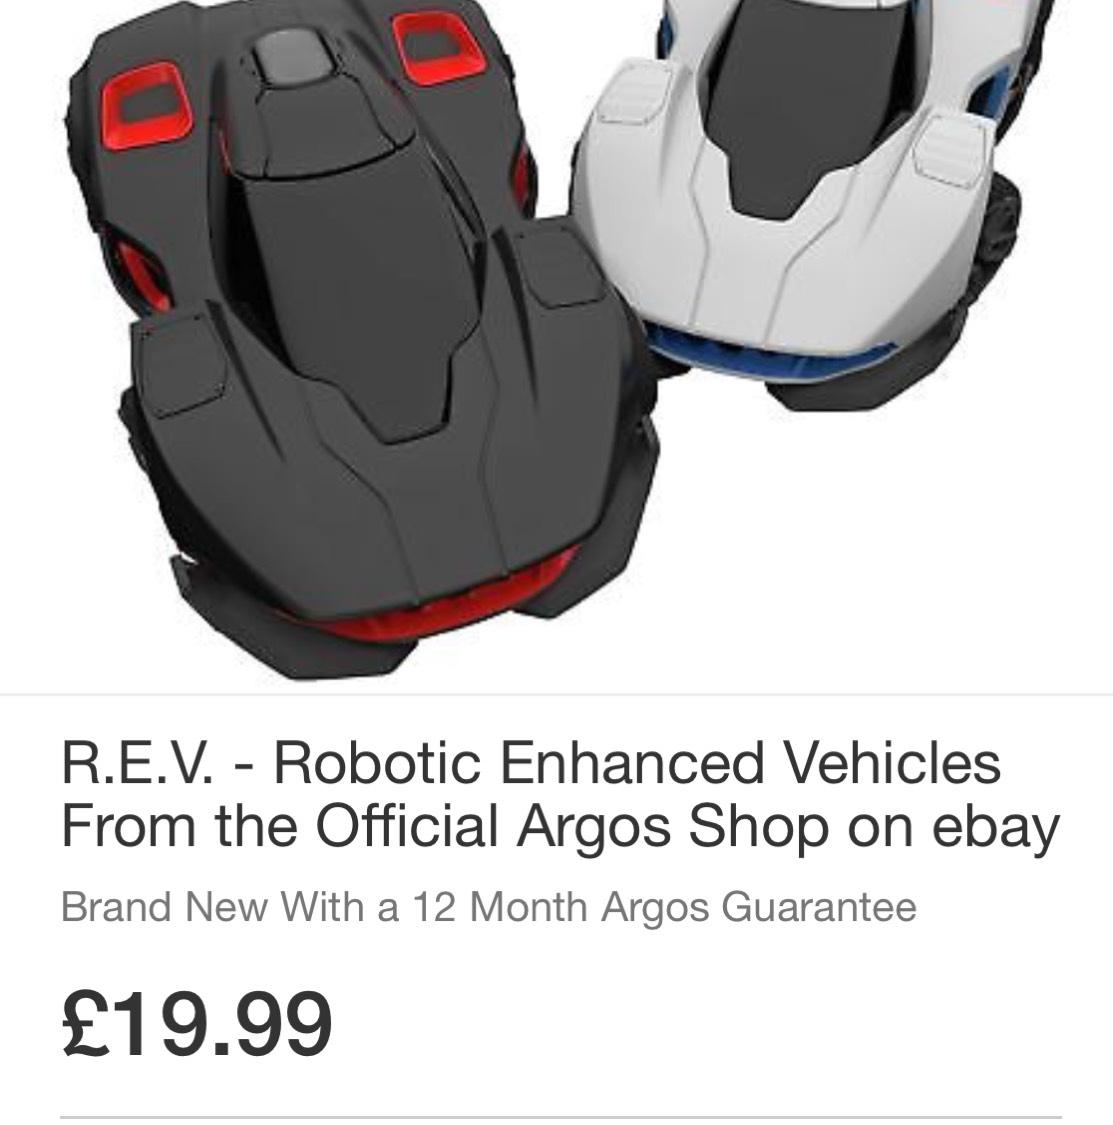 R.E.V Robitic Enhanced Vehicles at Argos Ebay for £19.99